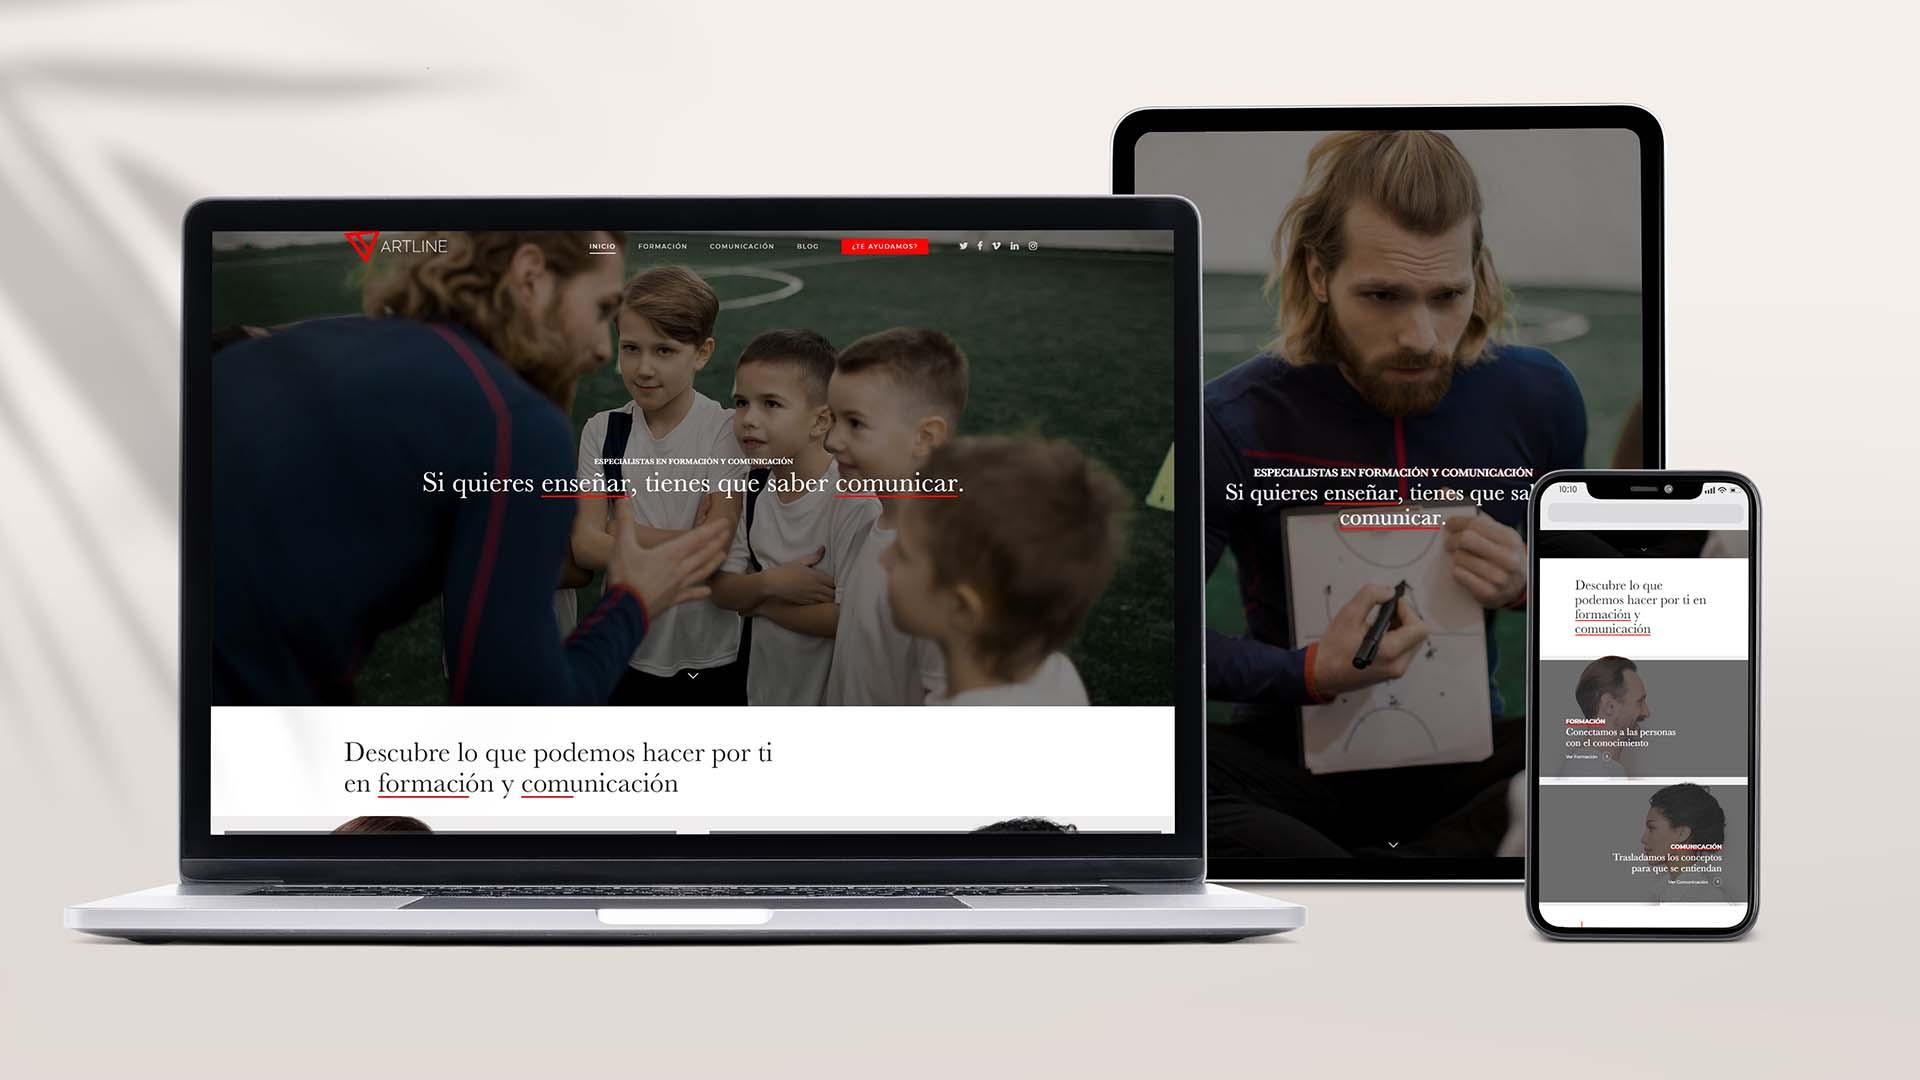 ¿Diseño web responsive? Acierto asegurado